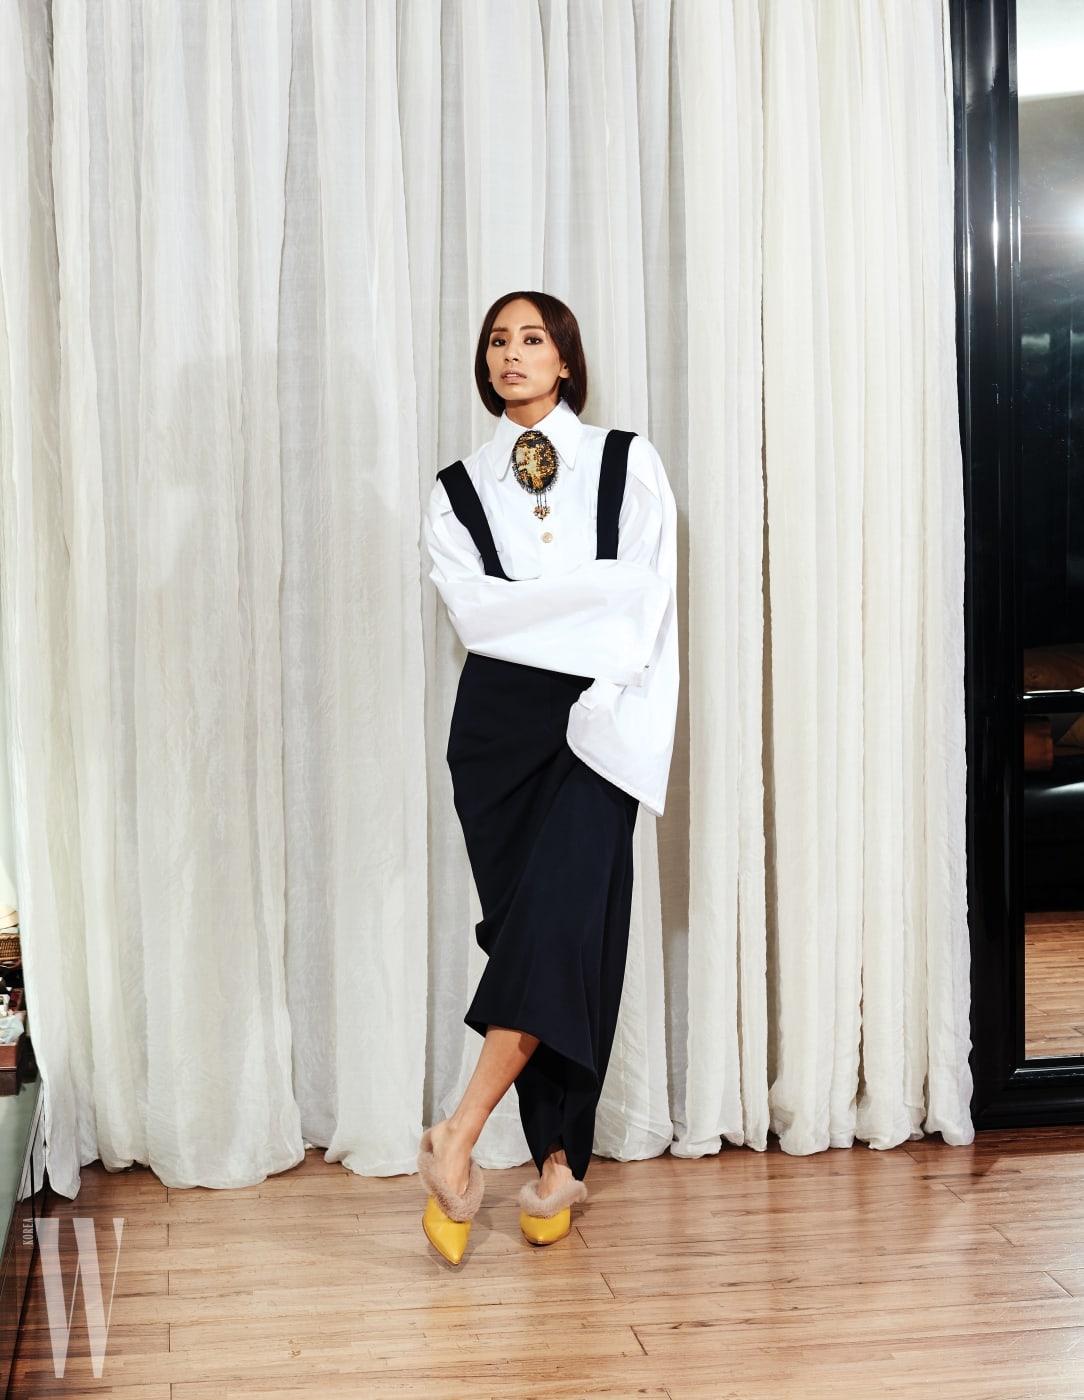 안나가 입은 긴소매 셔츠와 오버올 드레스, 고풍스러운 브로치, 앞코가 뾰족한 퍼 장식 슈즈는 모두 Miss Gee Collection 제품.